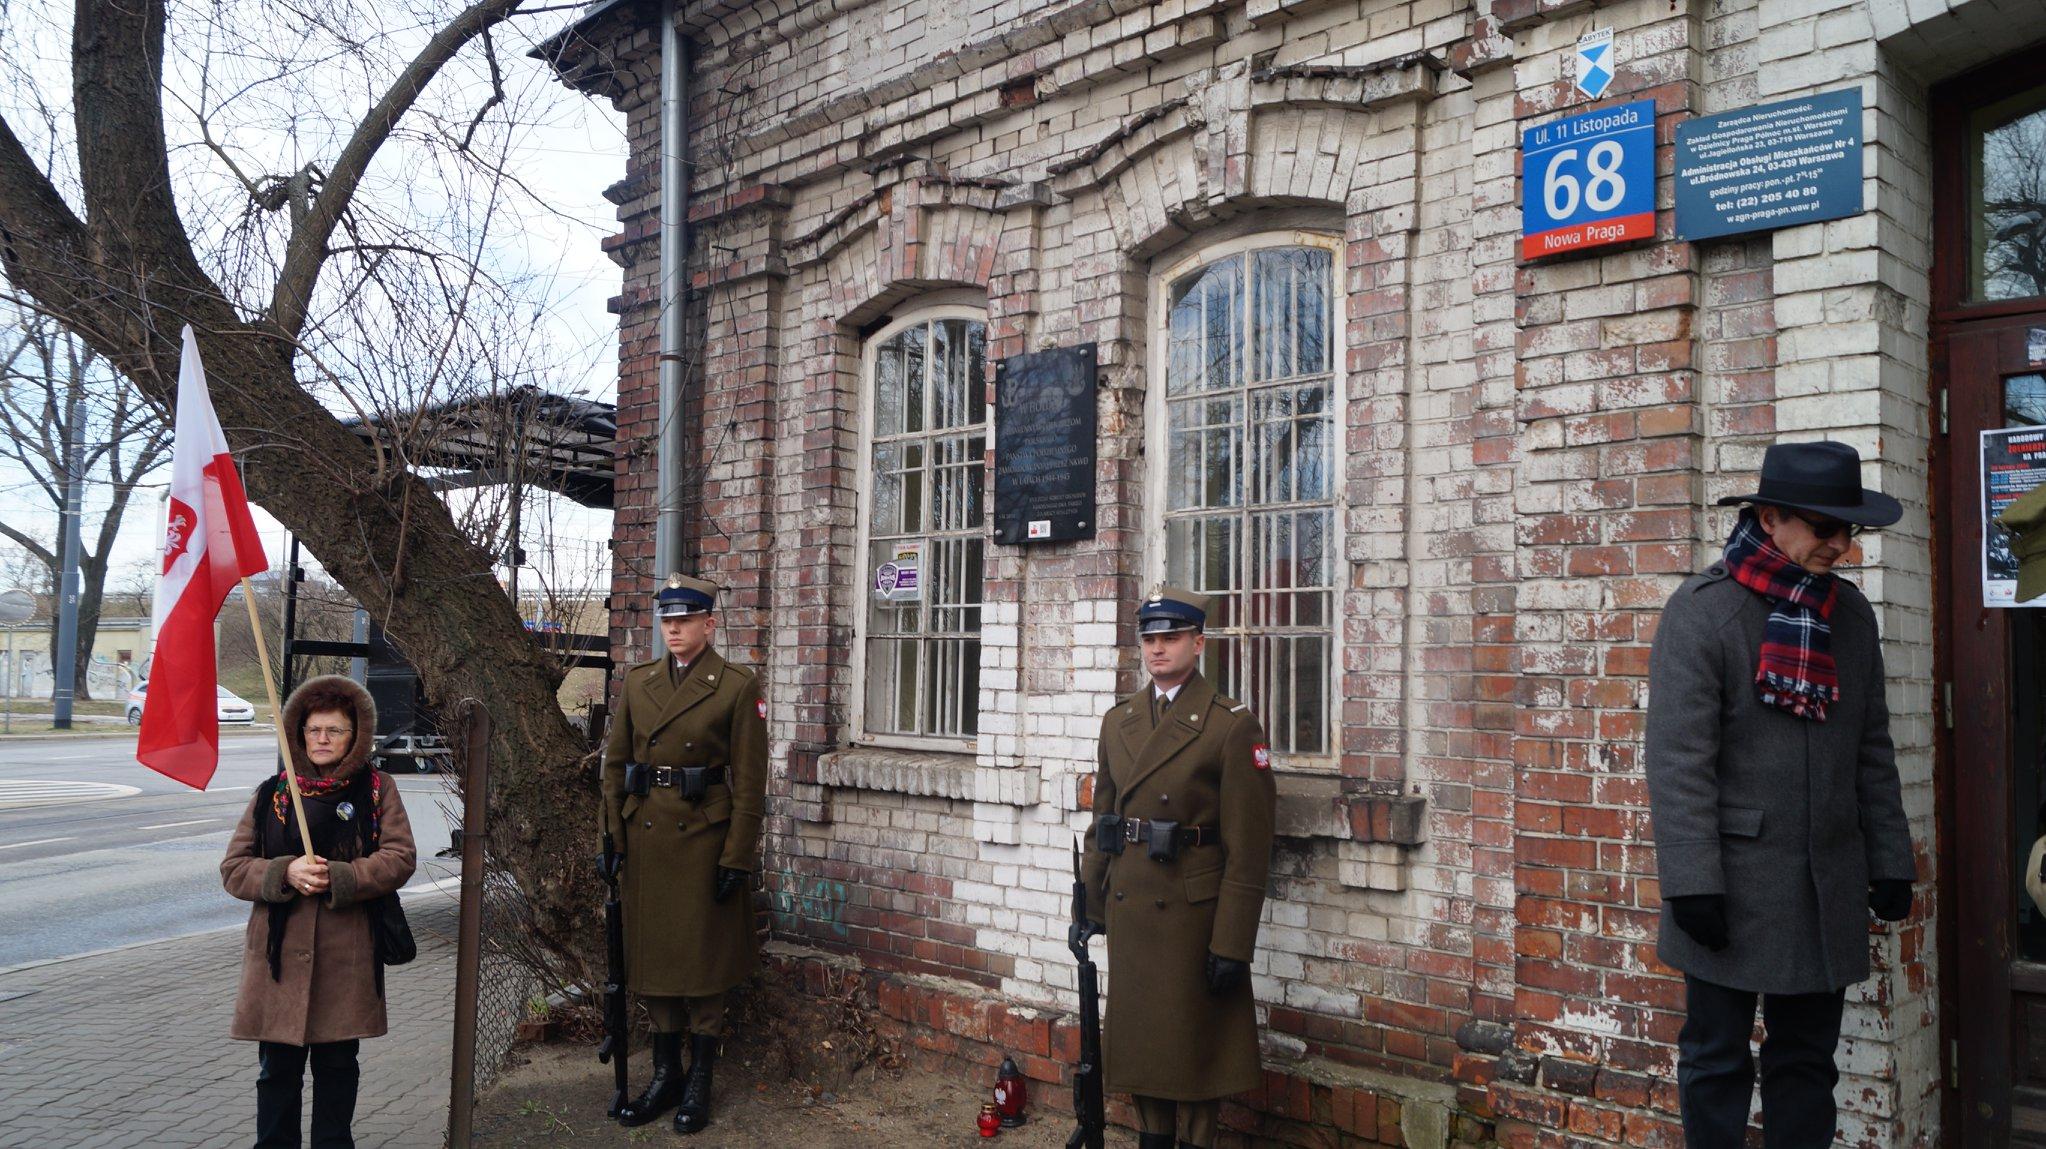 Przejście szlakiem miejsc kaźni Żołnierzy Niezłomnych z udziałem pojazdów historycznych